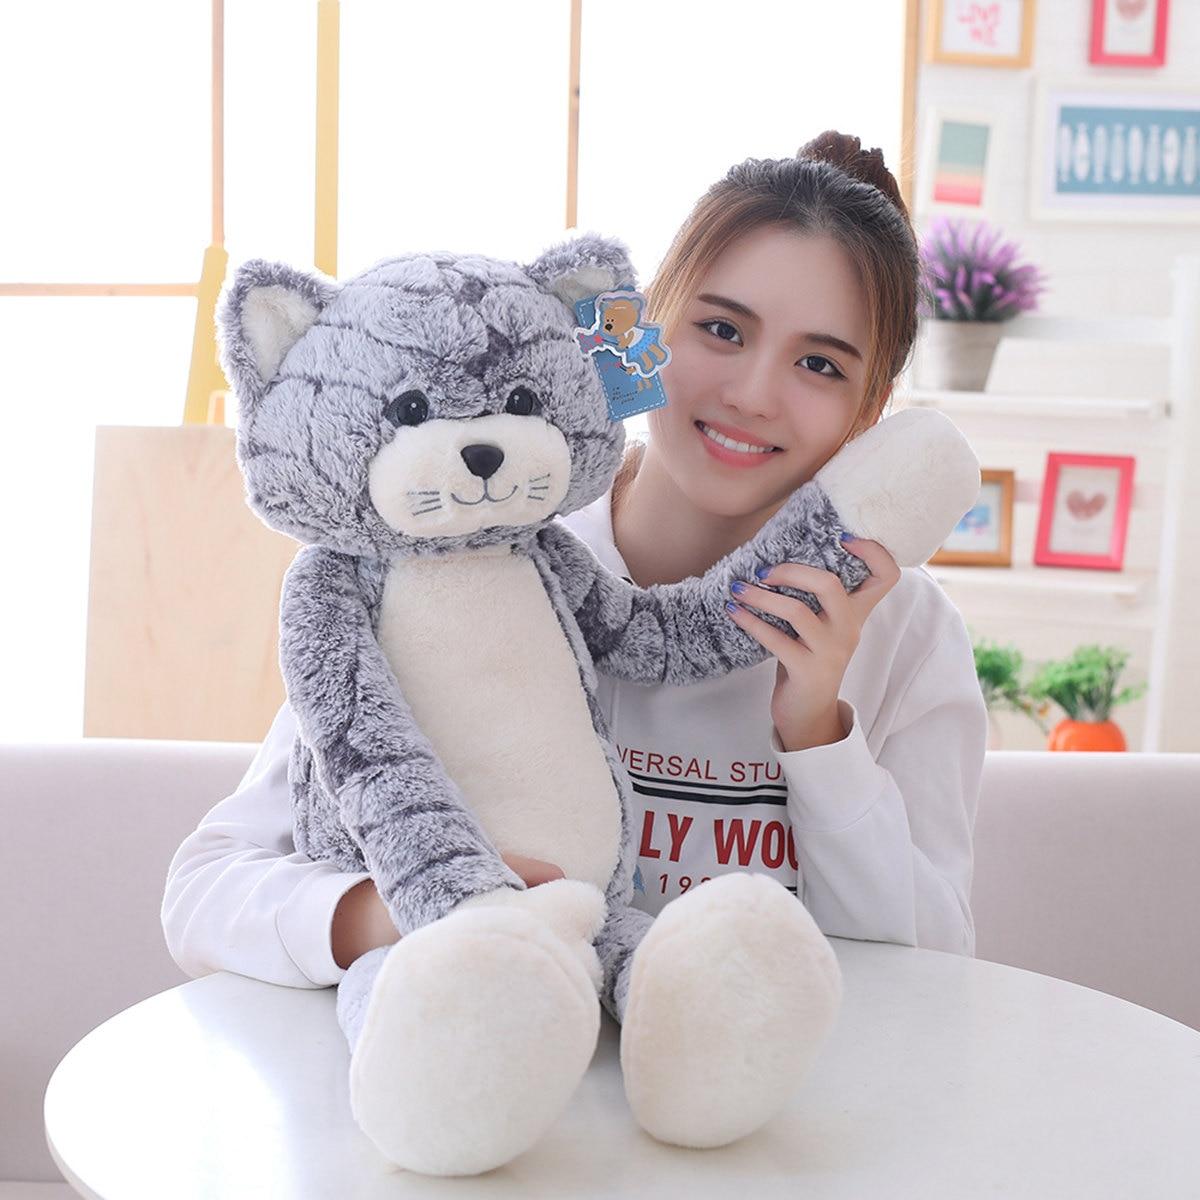 ¡Oferta! Juguete de peluche suave gato negro gris juguetes de peluche encantador Anime cumpleaños navidad regalo para niños gato muñeca bebé muñeca